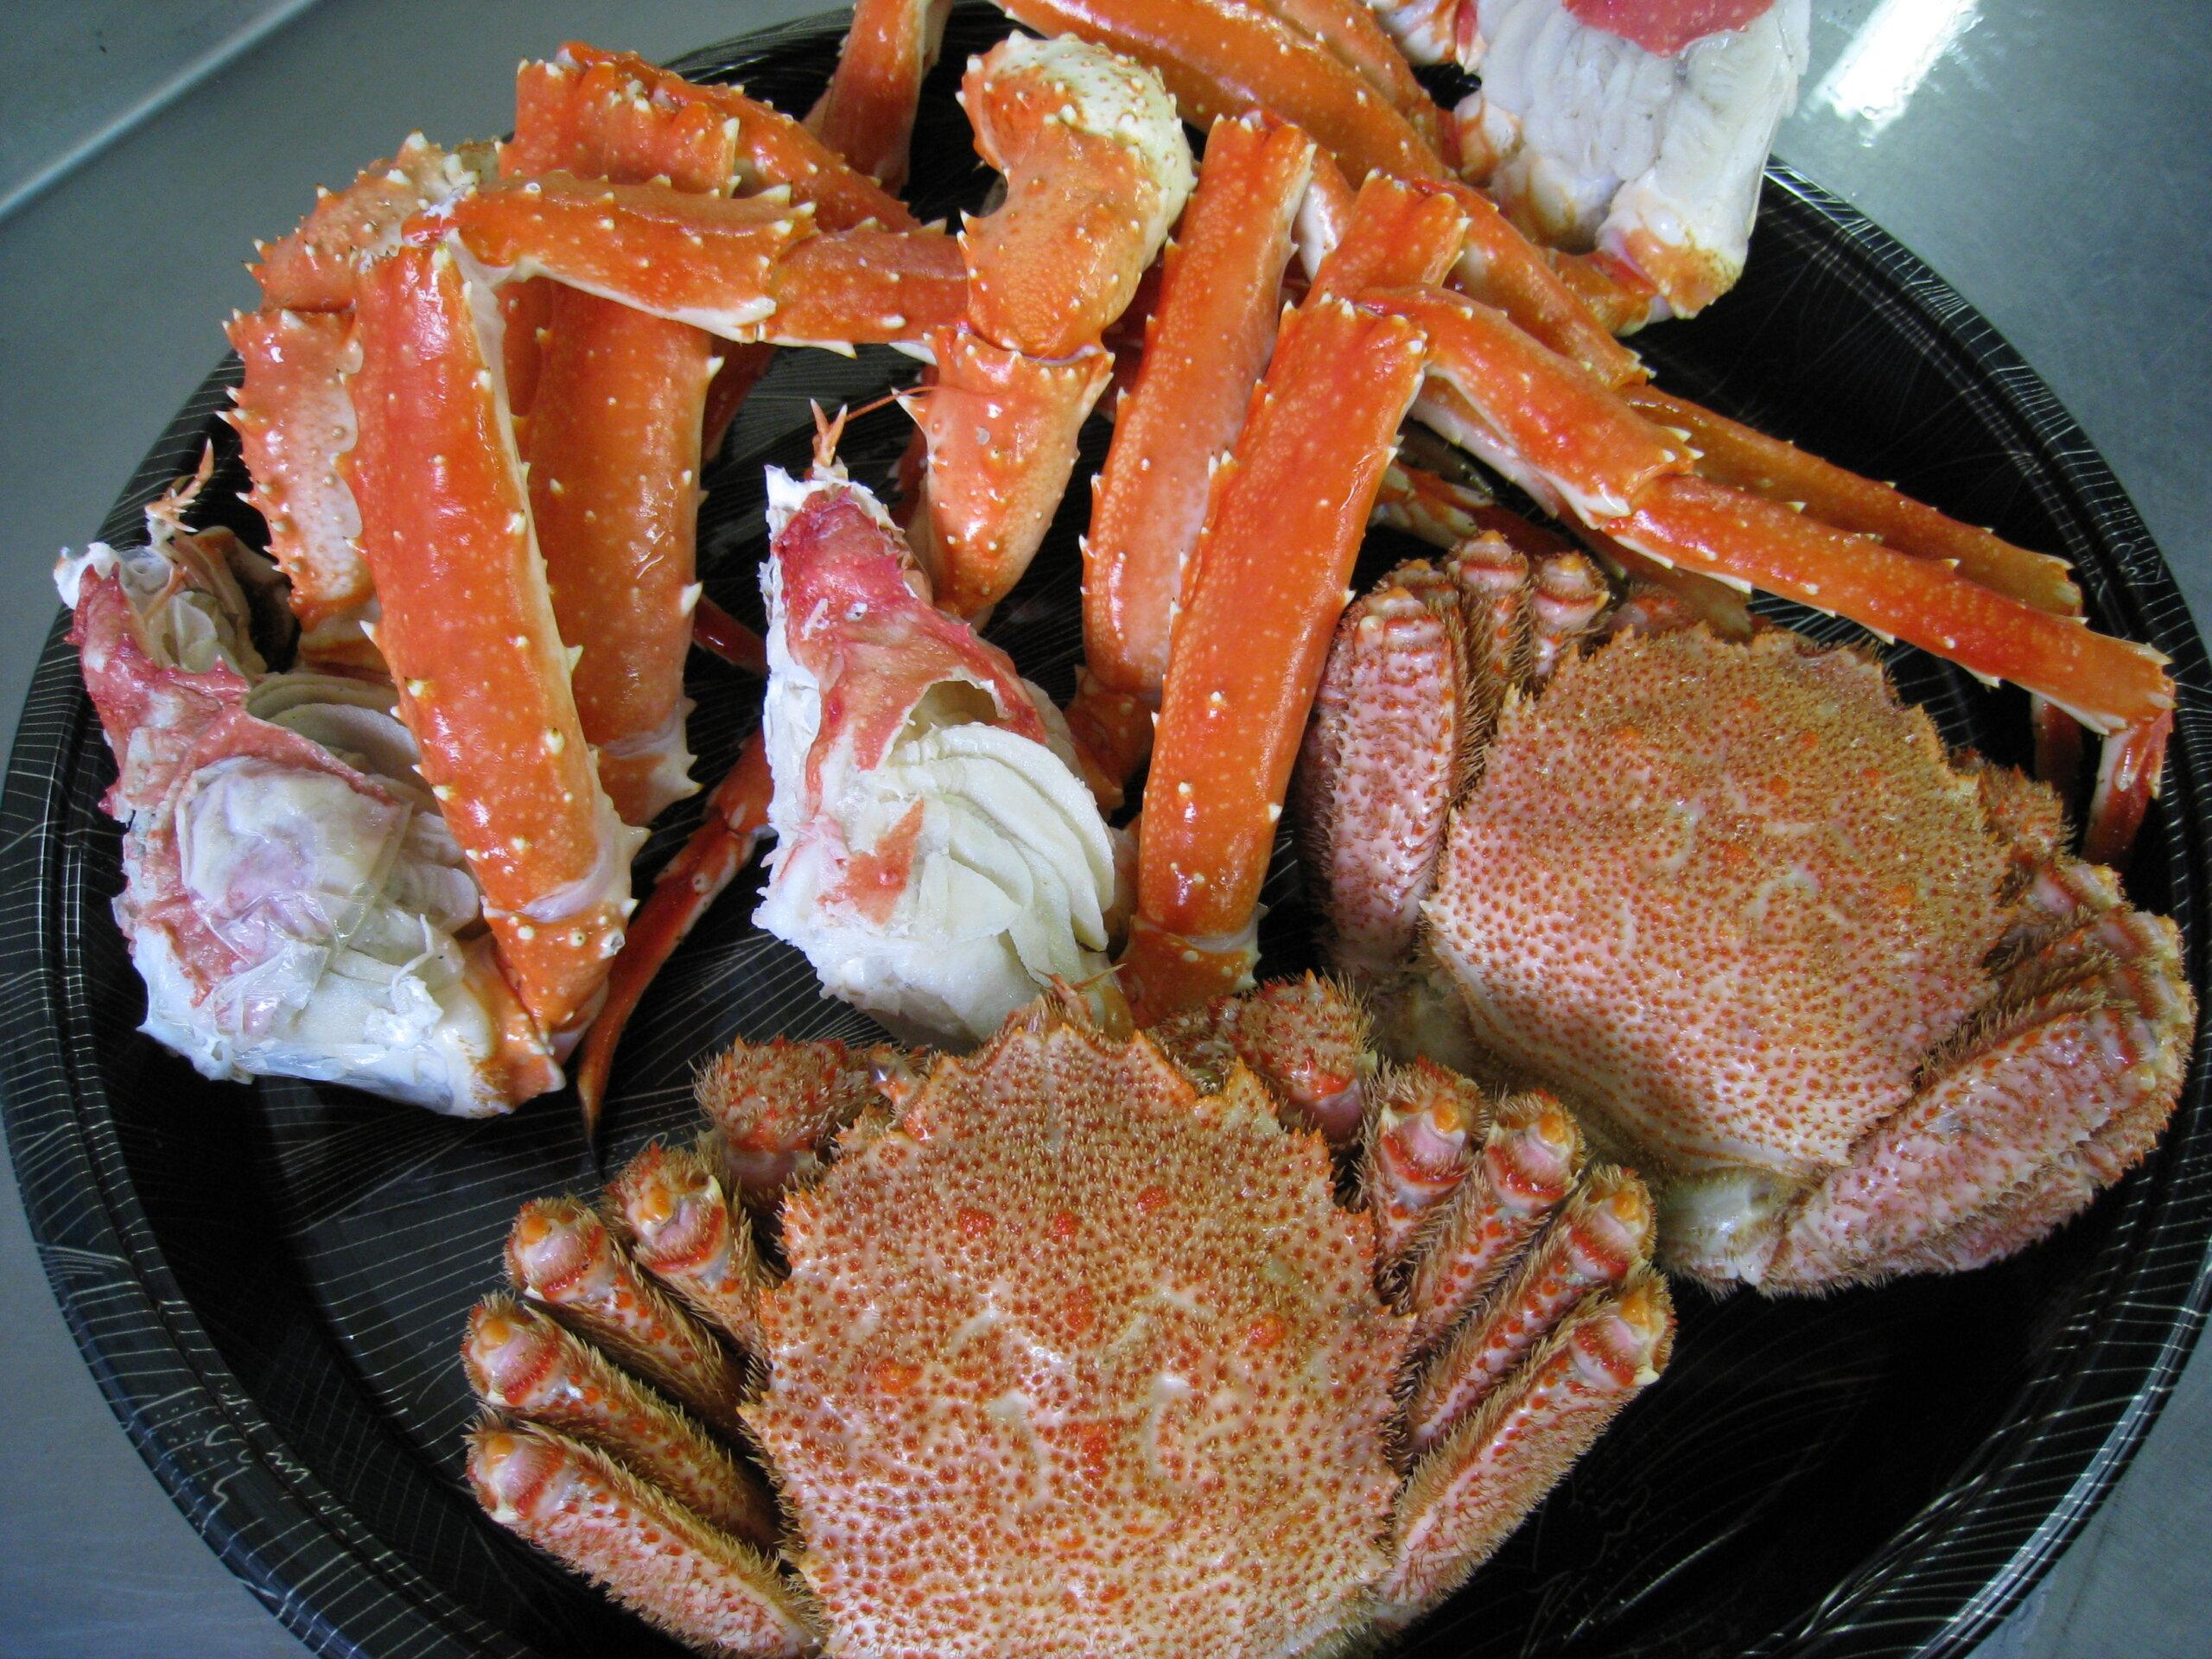 漁師的店 KANE活渡邊水產:隱藏版店家!能品嚐到鄂霍次克海捕撈的美味螃蟹